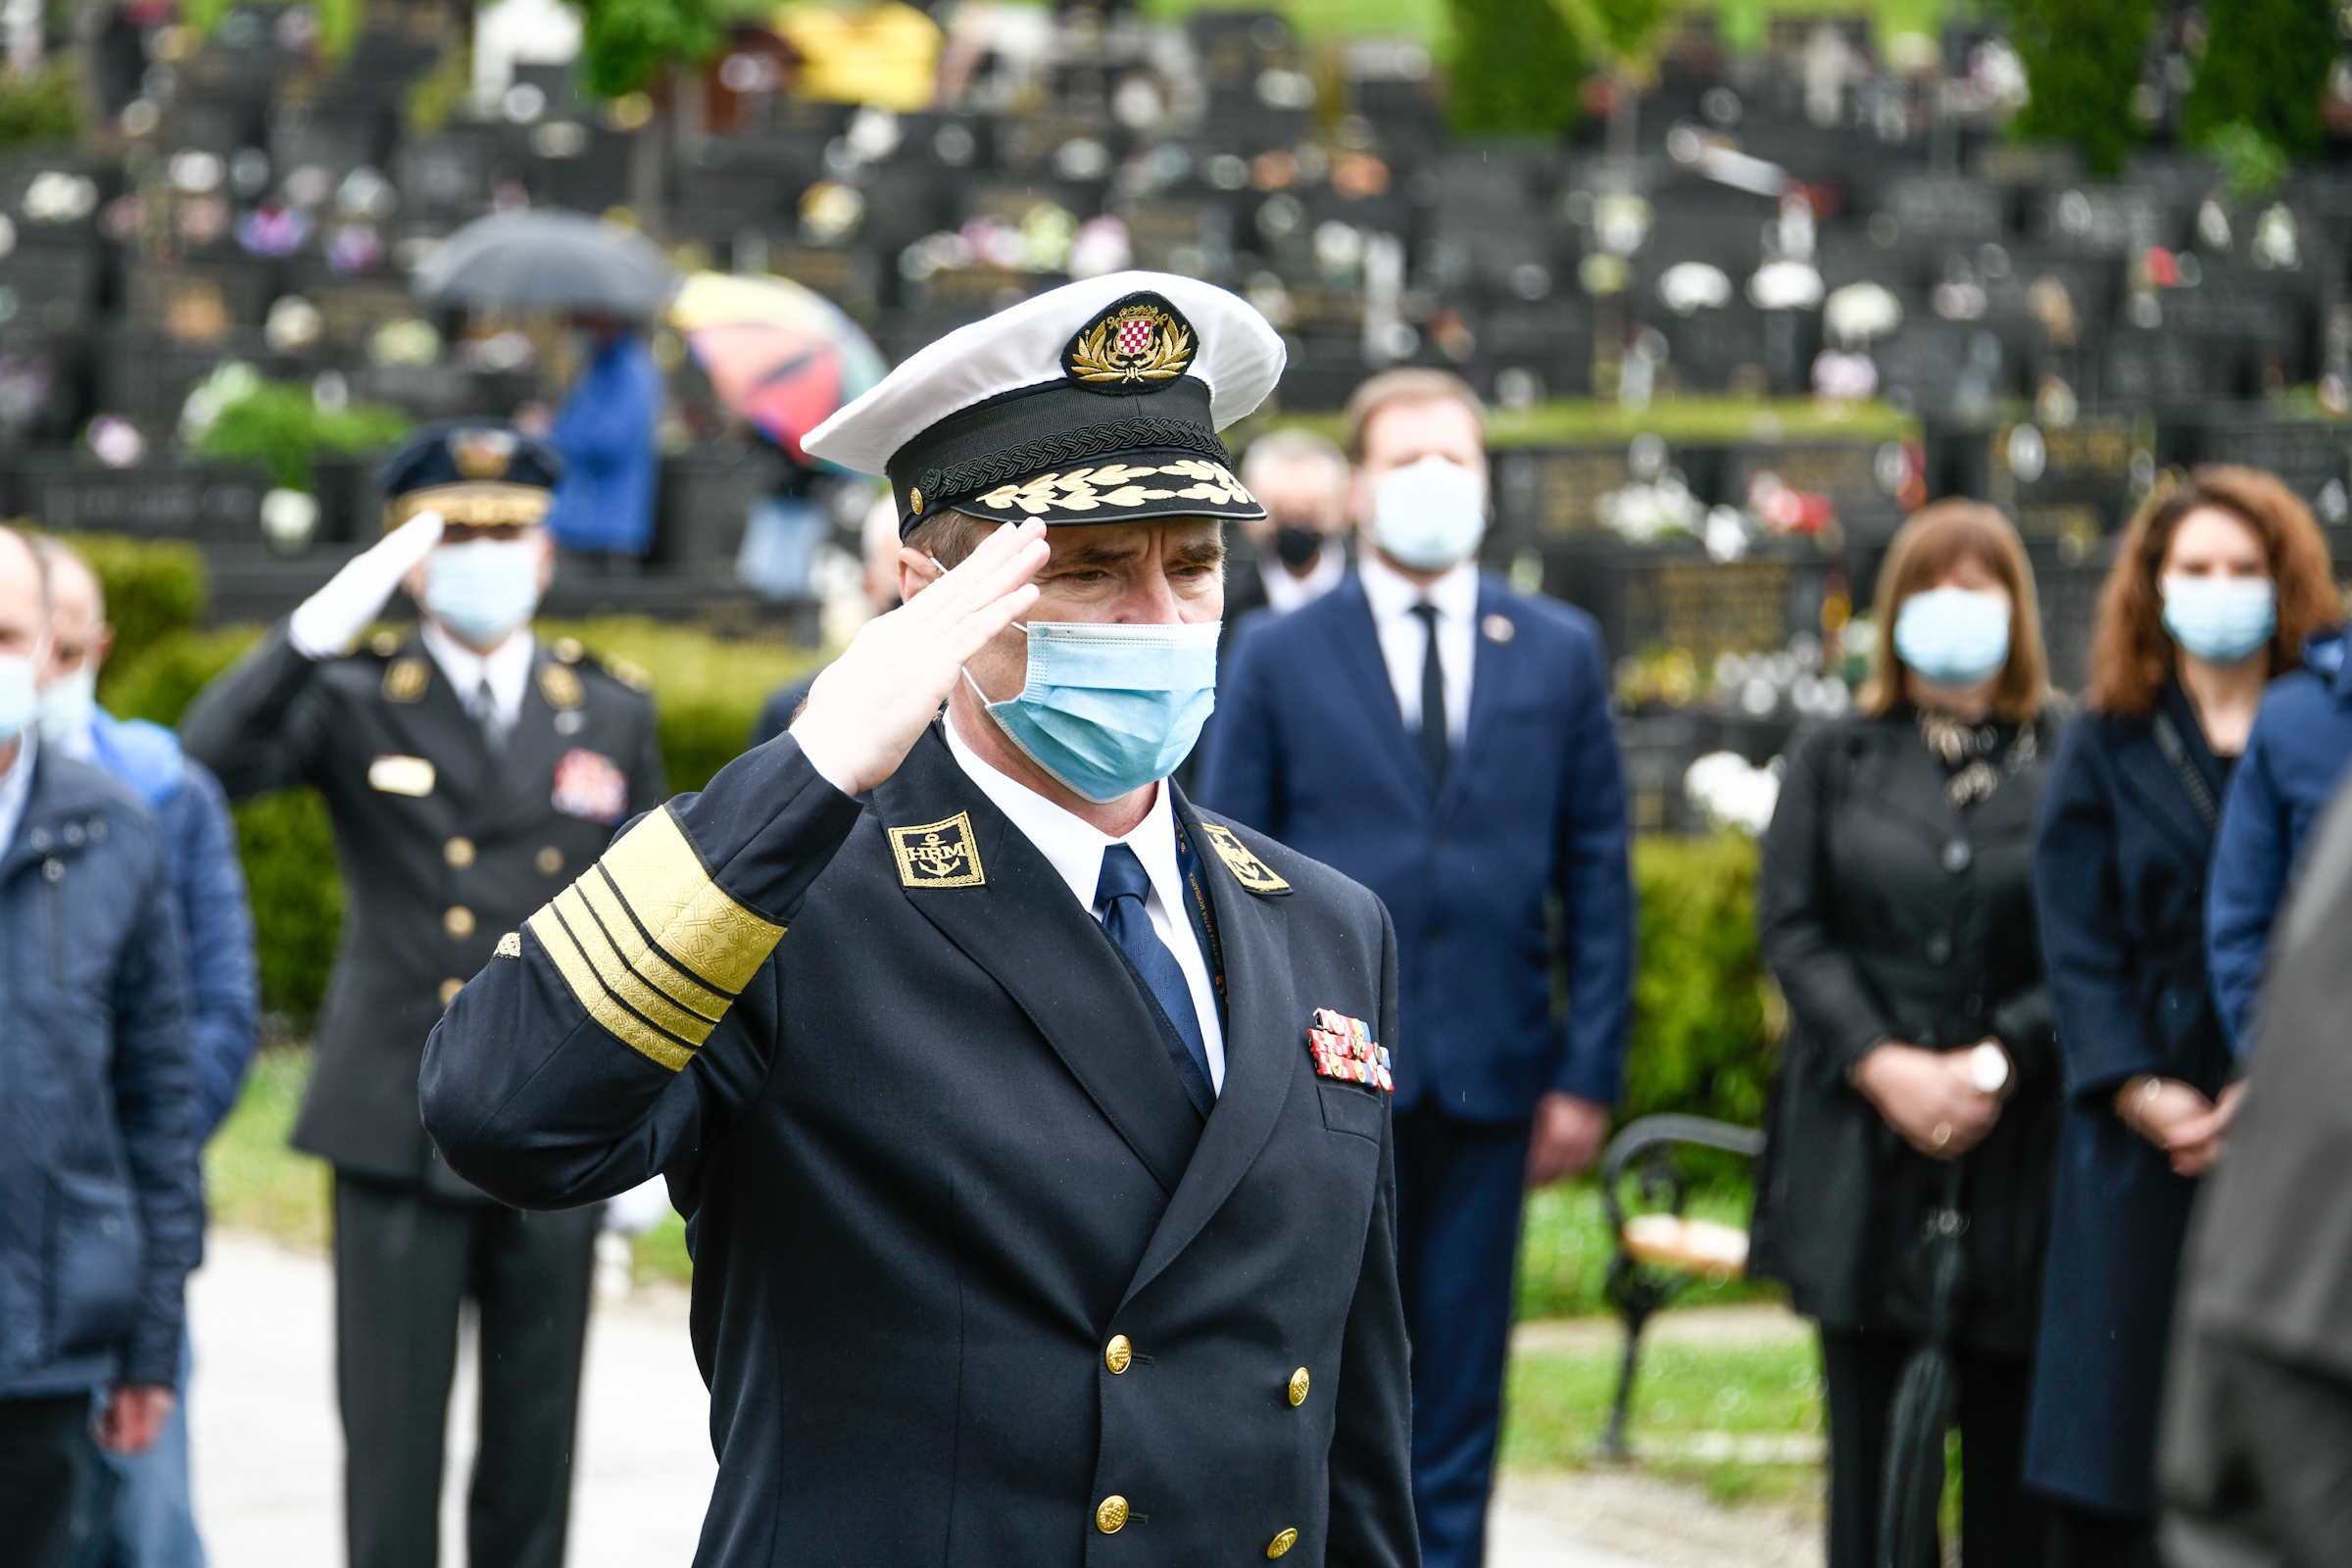 Obilježena 23. godišnjica smrti ratnog ministra Gojka Šuška